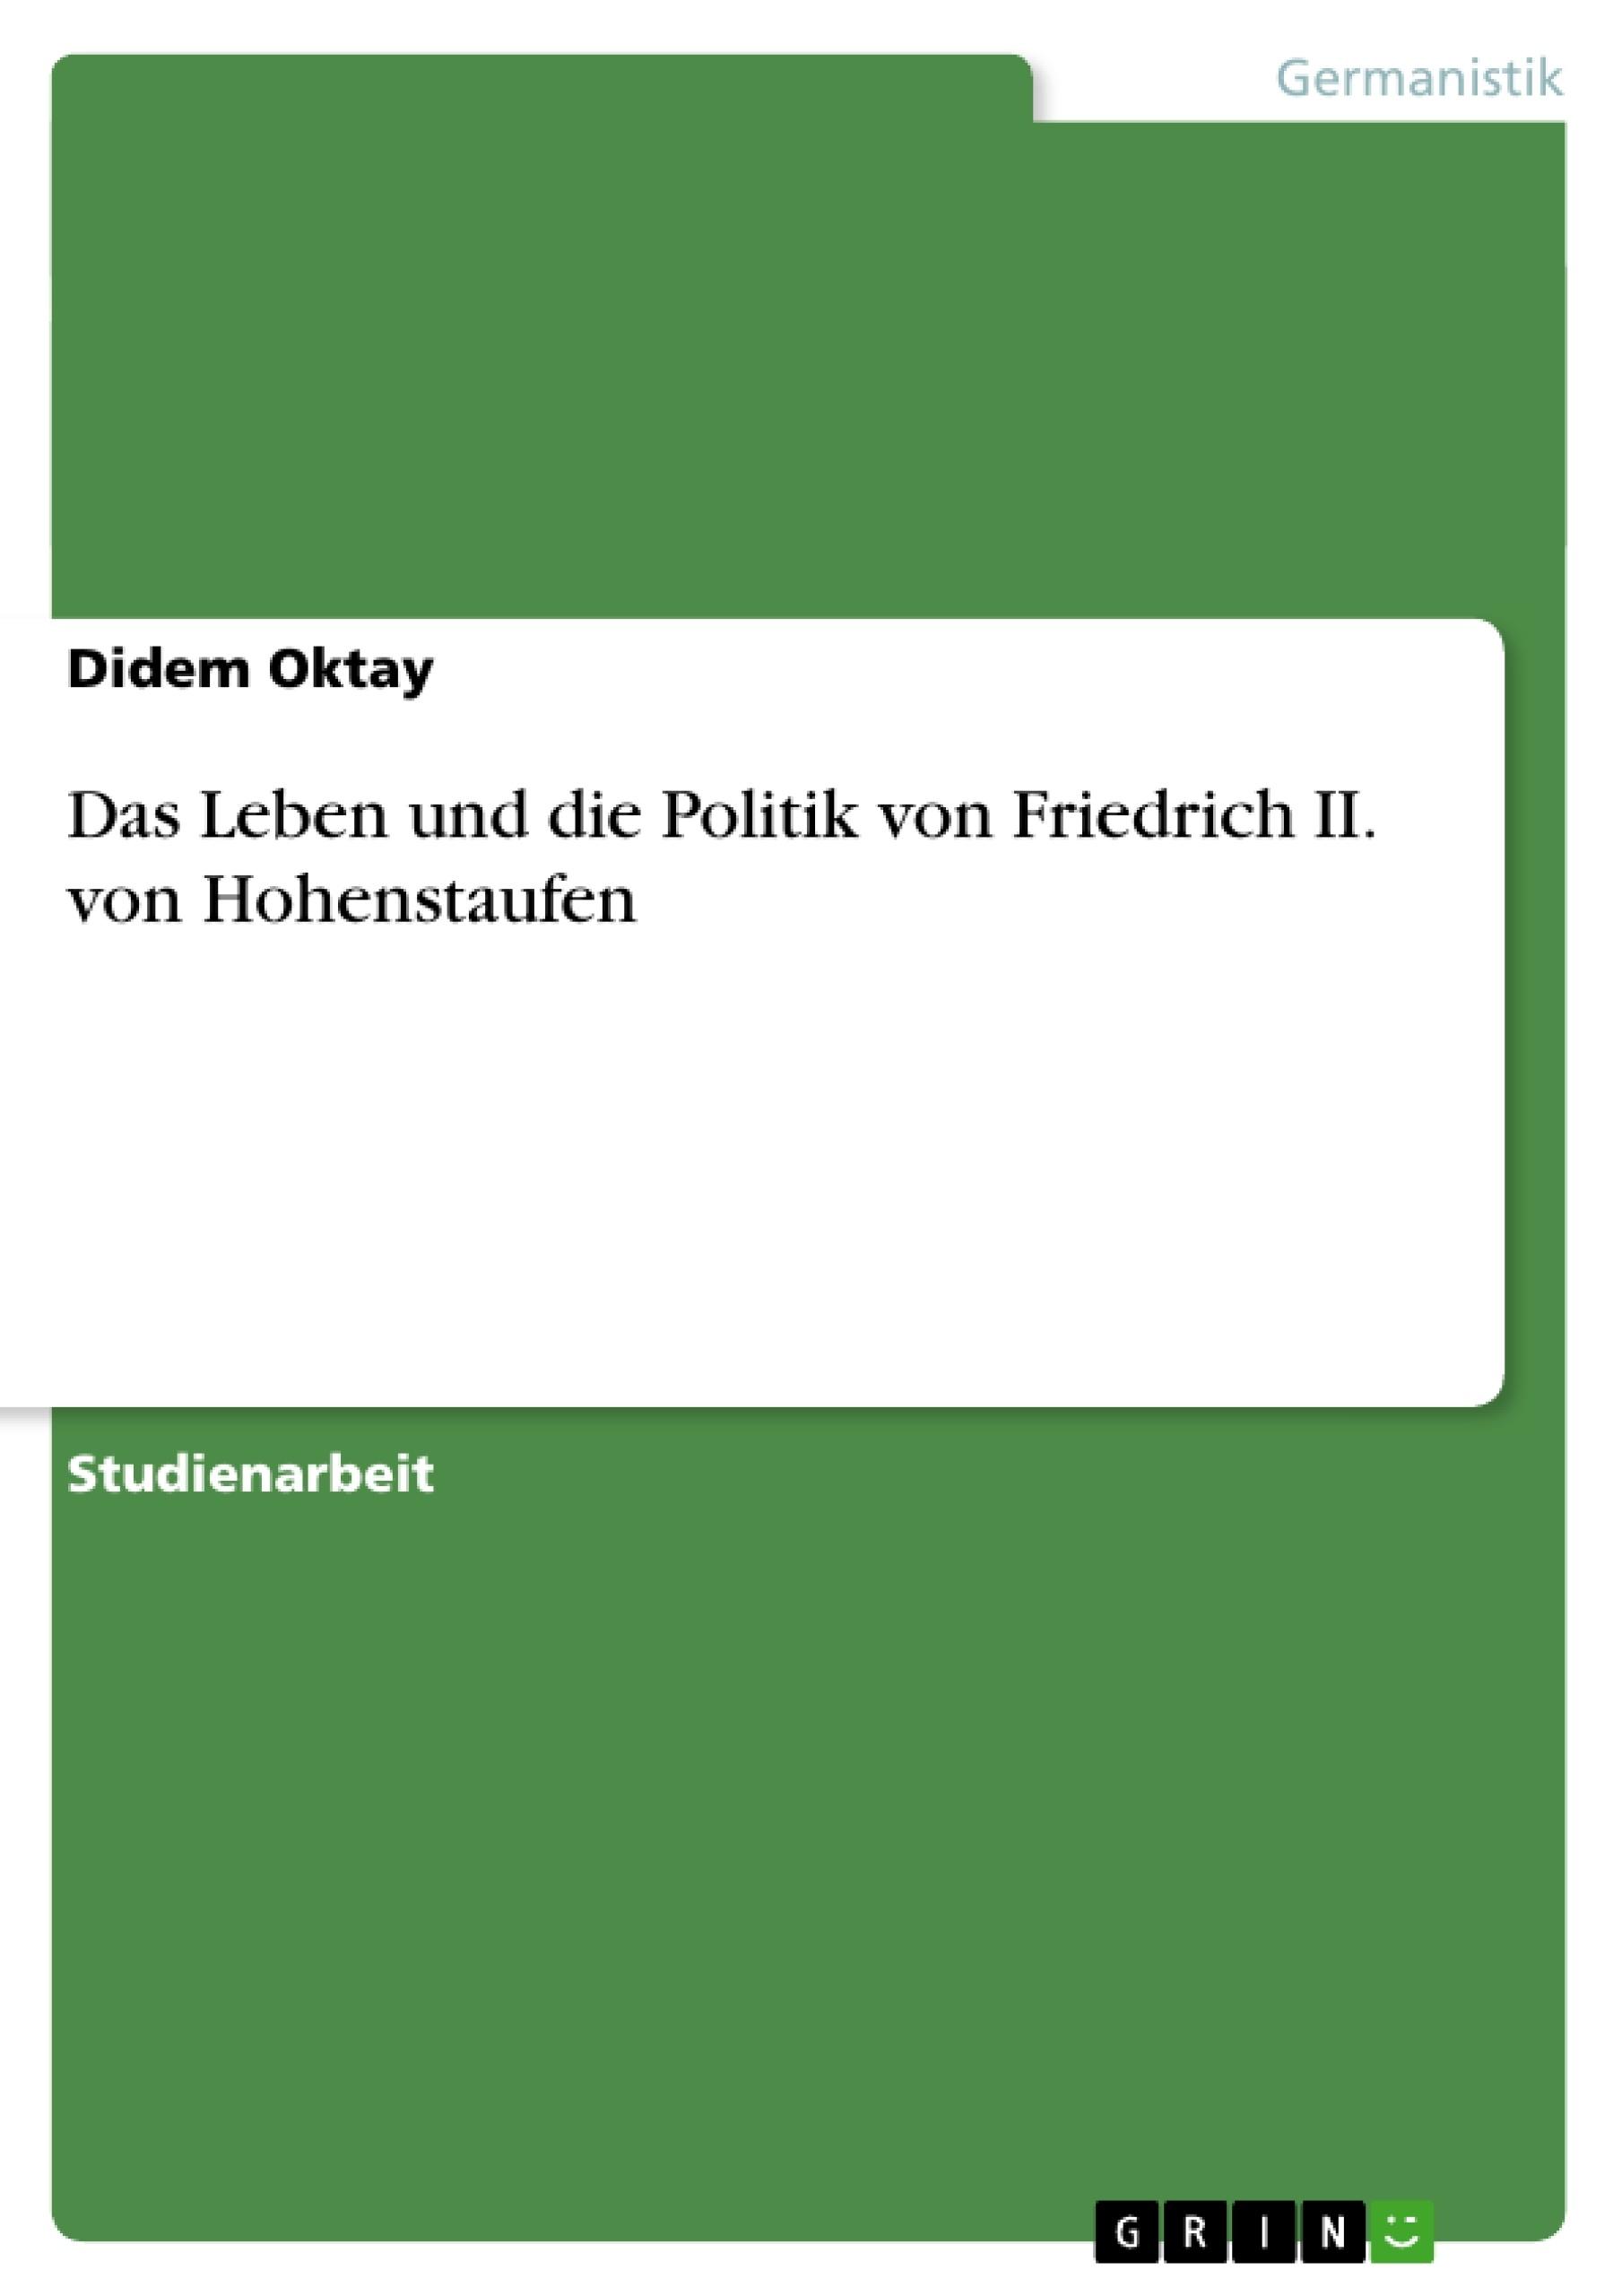 Titel: Das Leben und die Politik von Friedrich II. von Hohenstaufen